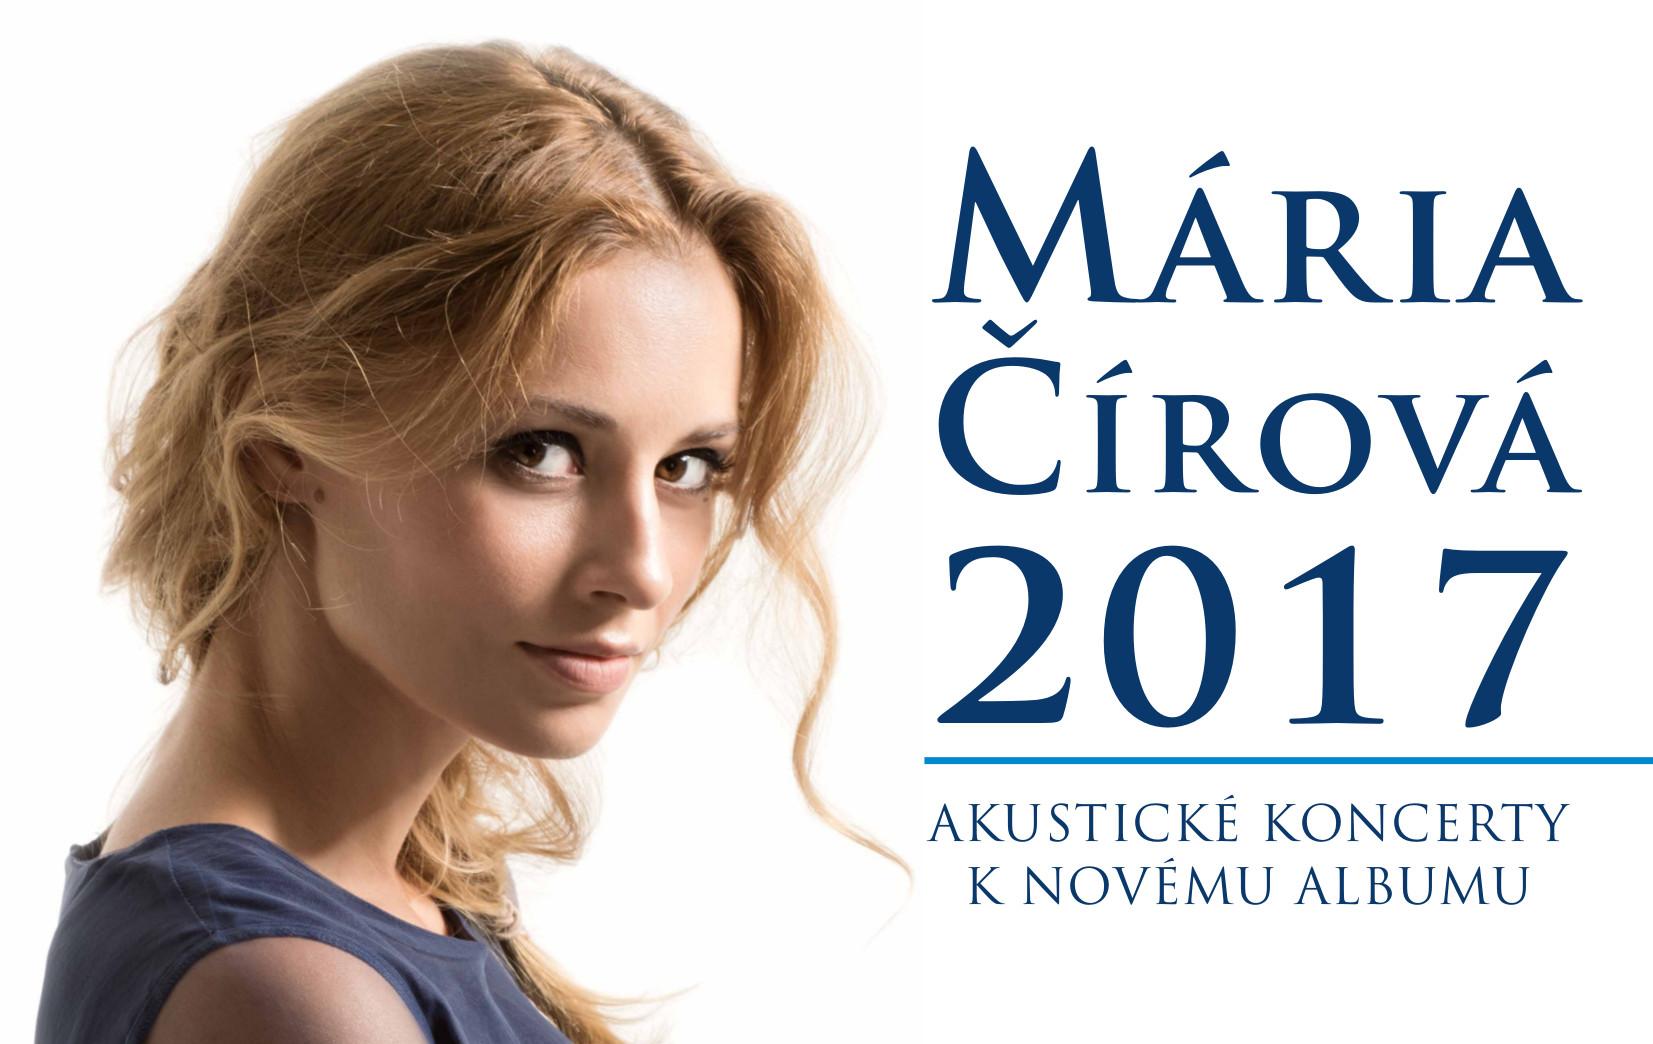 35cfcb9ea75d MÁRIA ČÍROVÁ  2017 Akustický koncert - Katalóg firiem